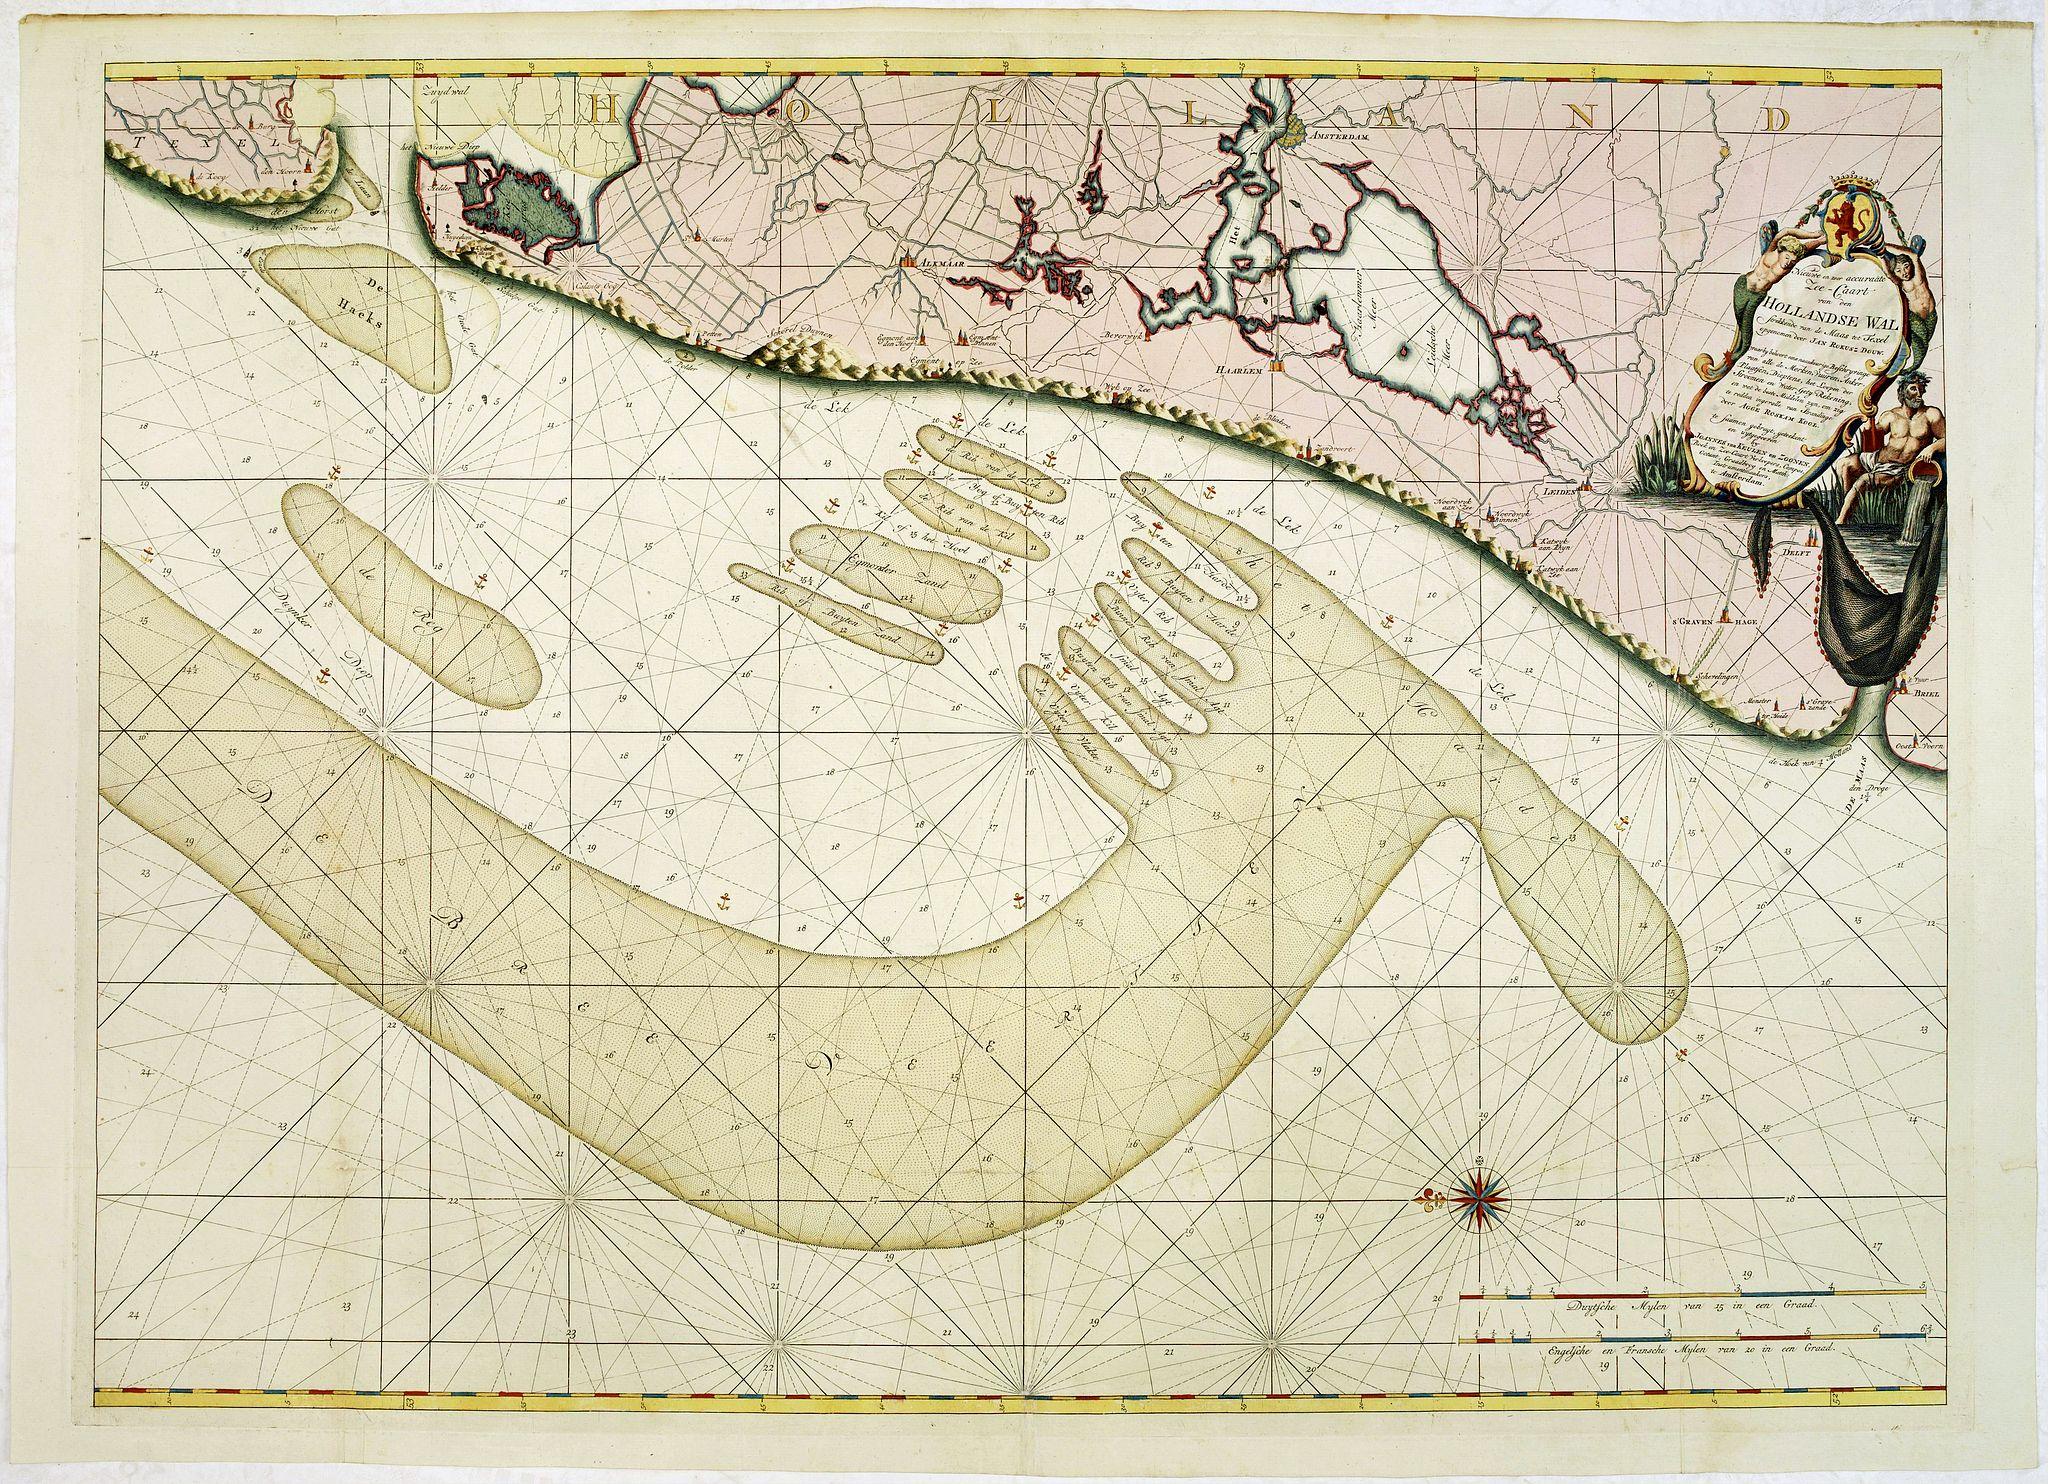 VAN KEULEN, J, -  Nieuwe en zeer accuraate Zee-Caart van de Hollandse Wal strekkende van de Maas tot Texel opgenomen door Jan Rokusz Douw, , ,